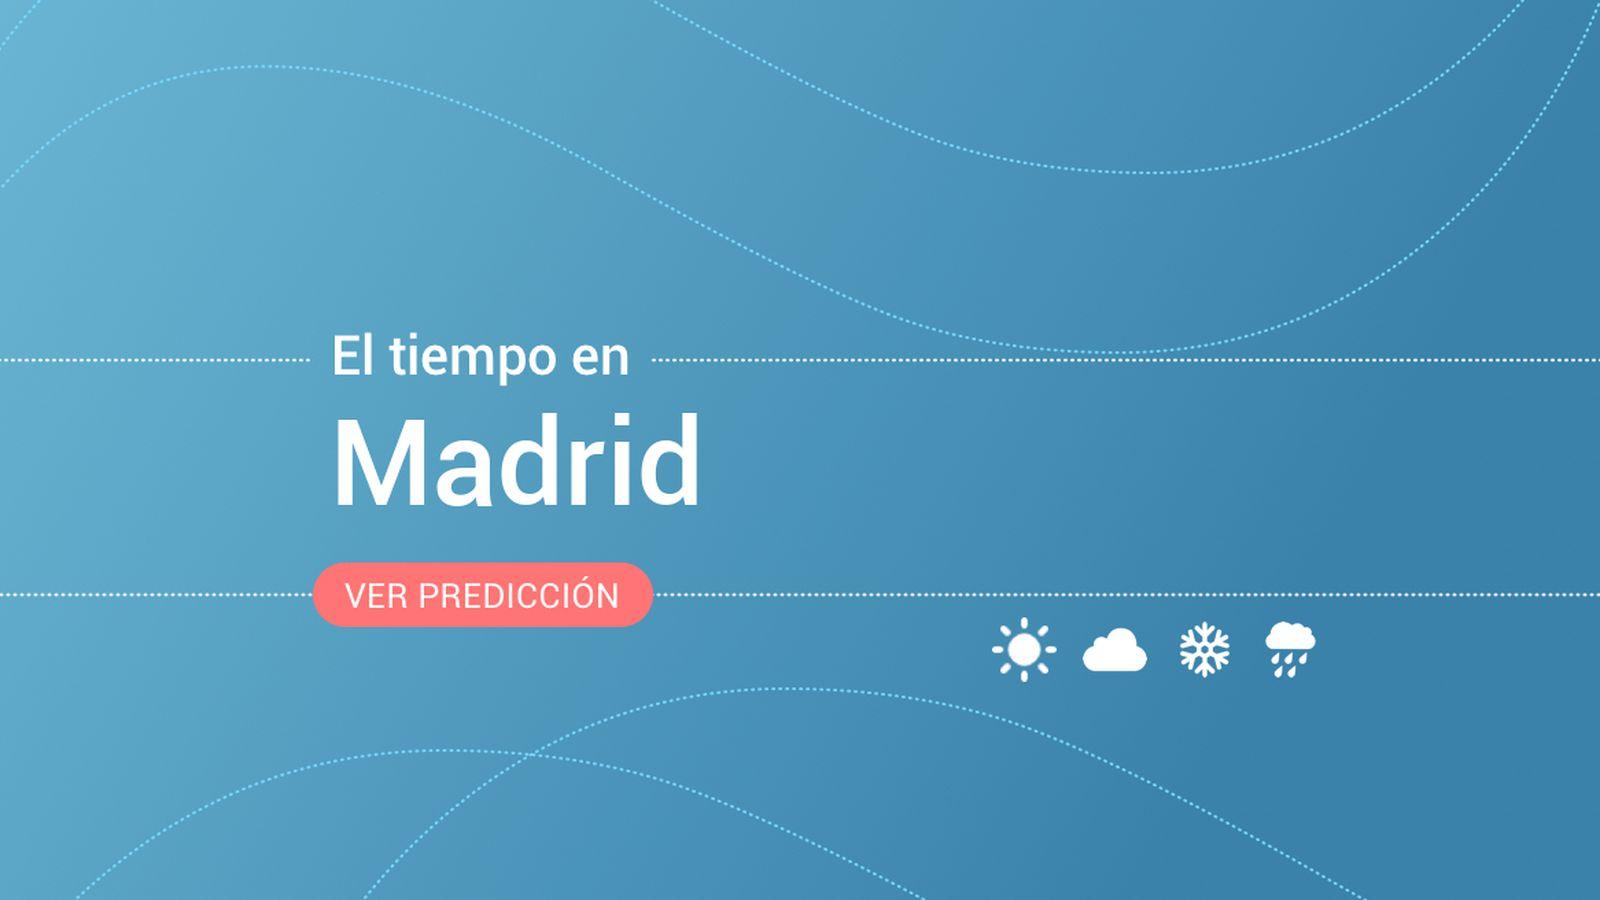 Foto: El tiempo en Madrid. (EC)